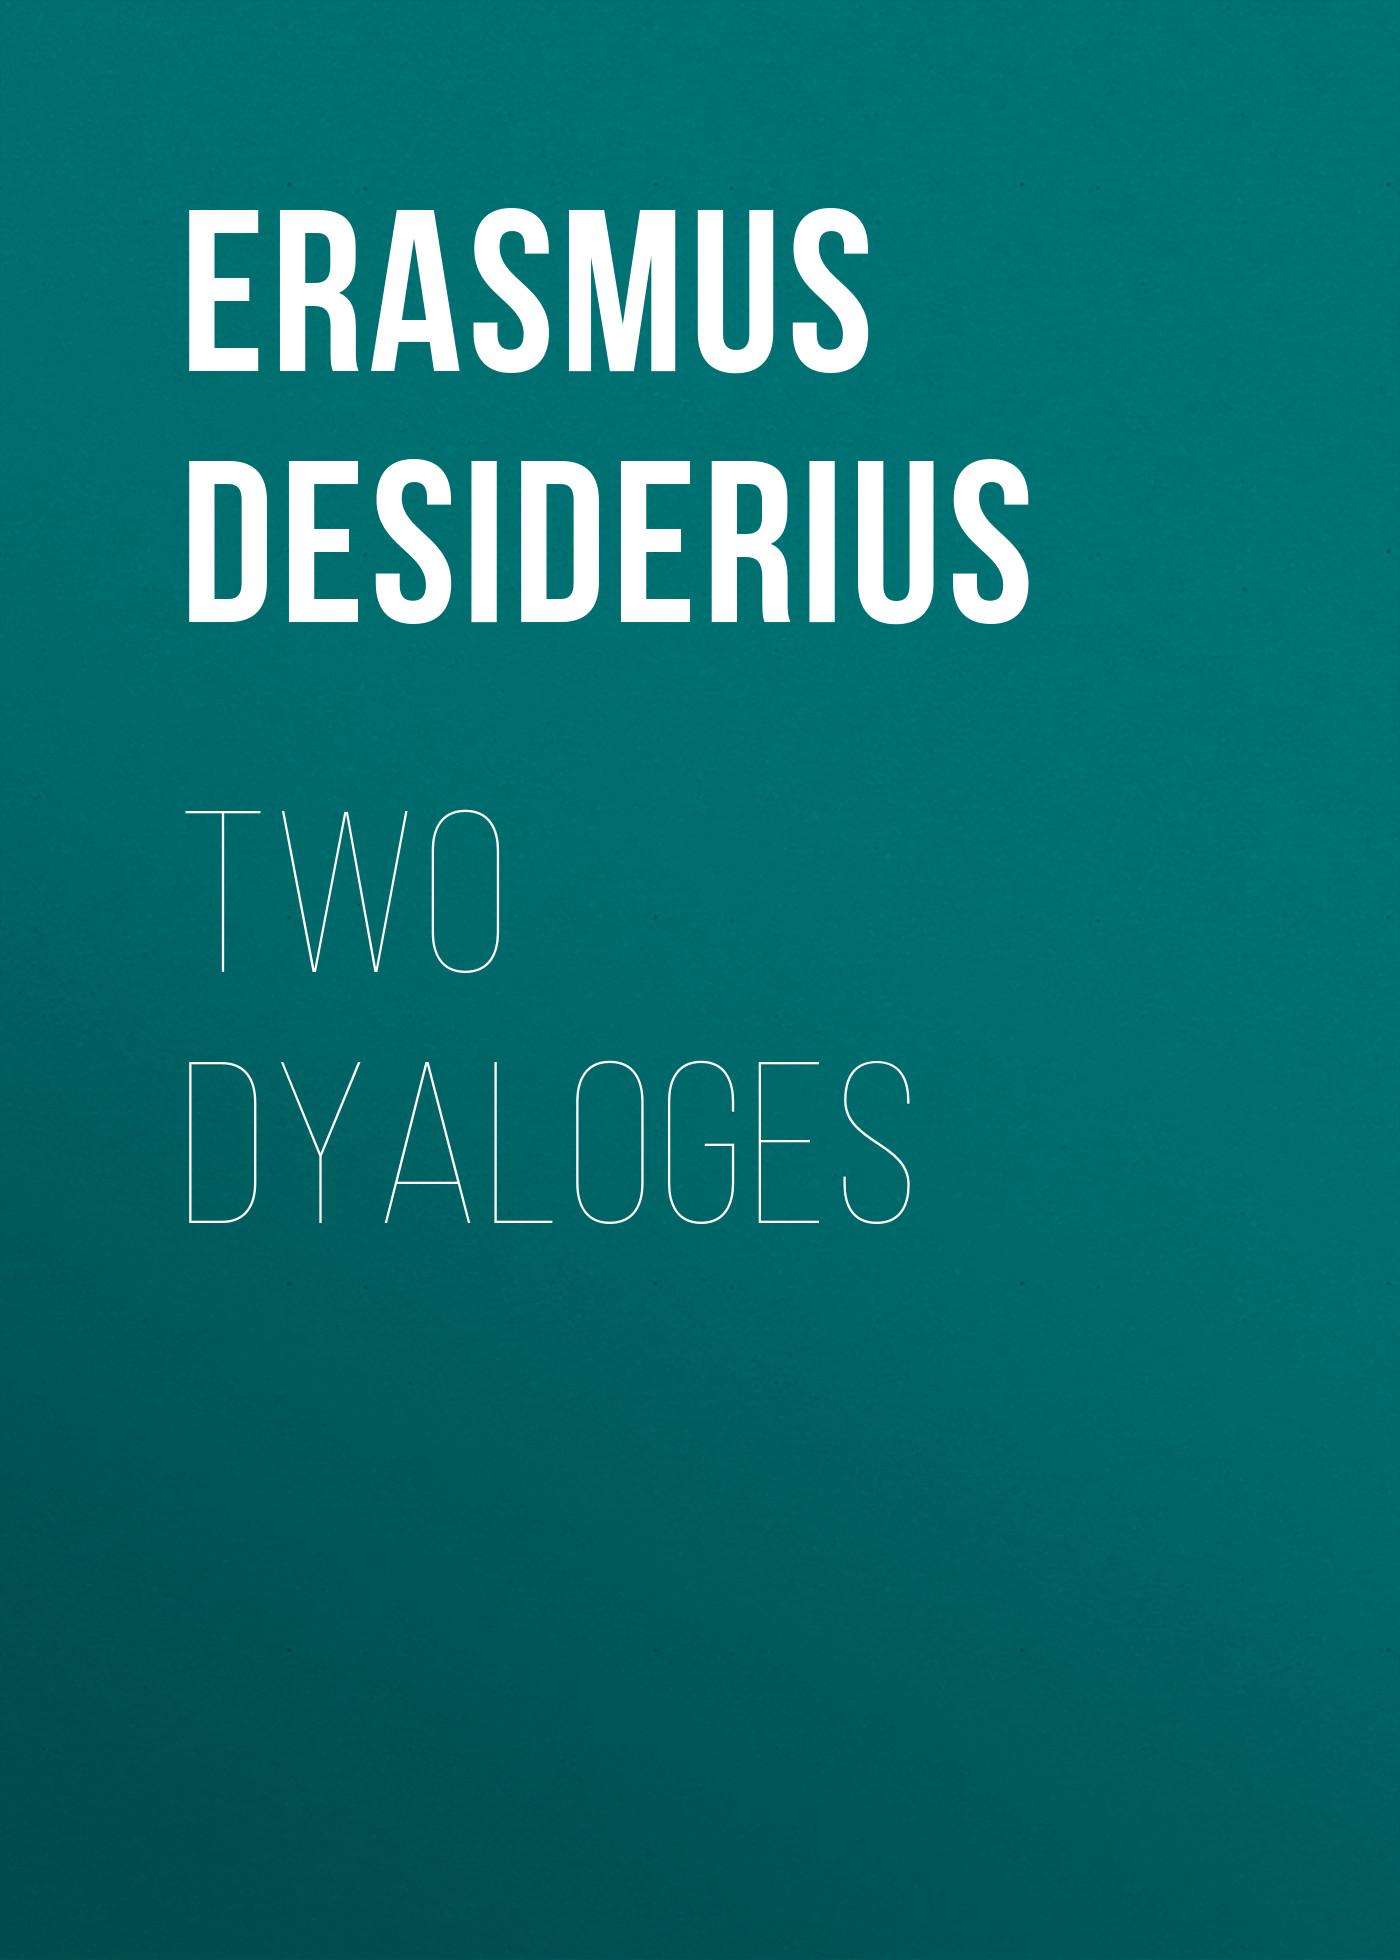 Erasmus Desiderius Two Dyaloges erasmus desiderius elogio della pazzia italian edition